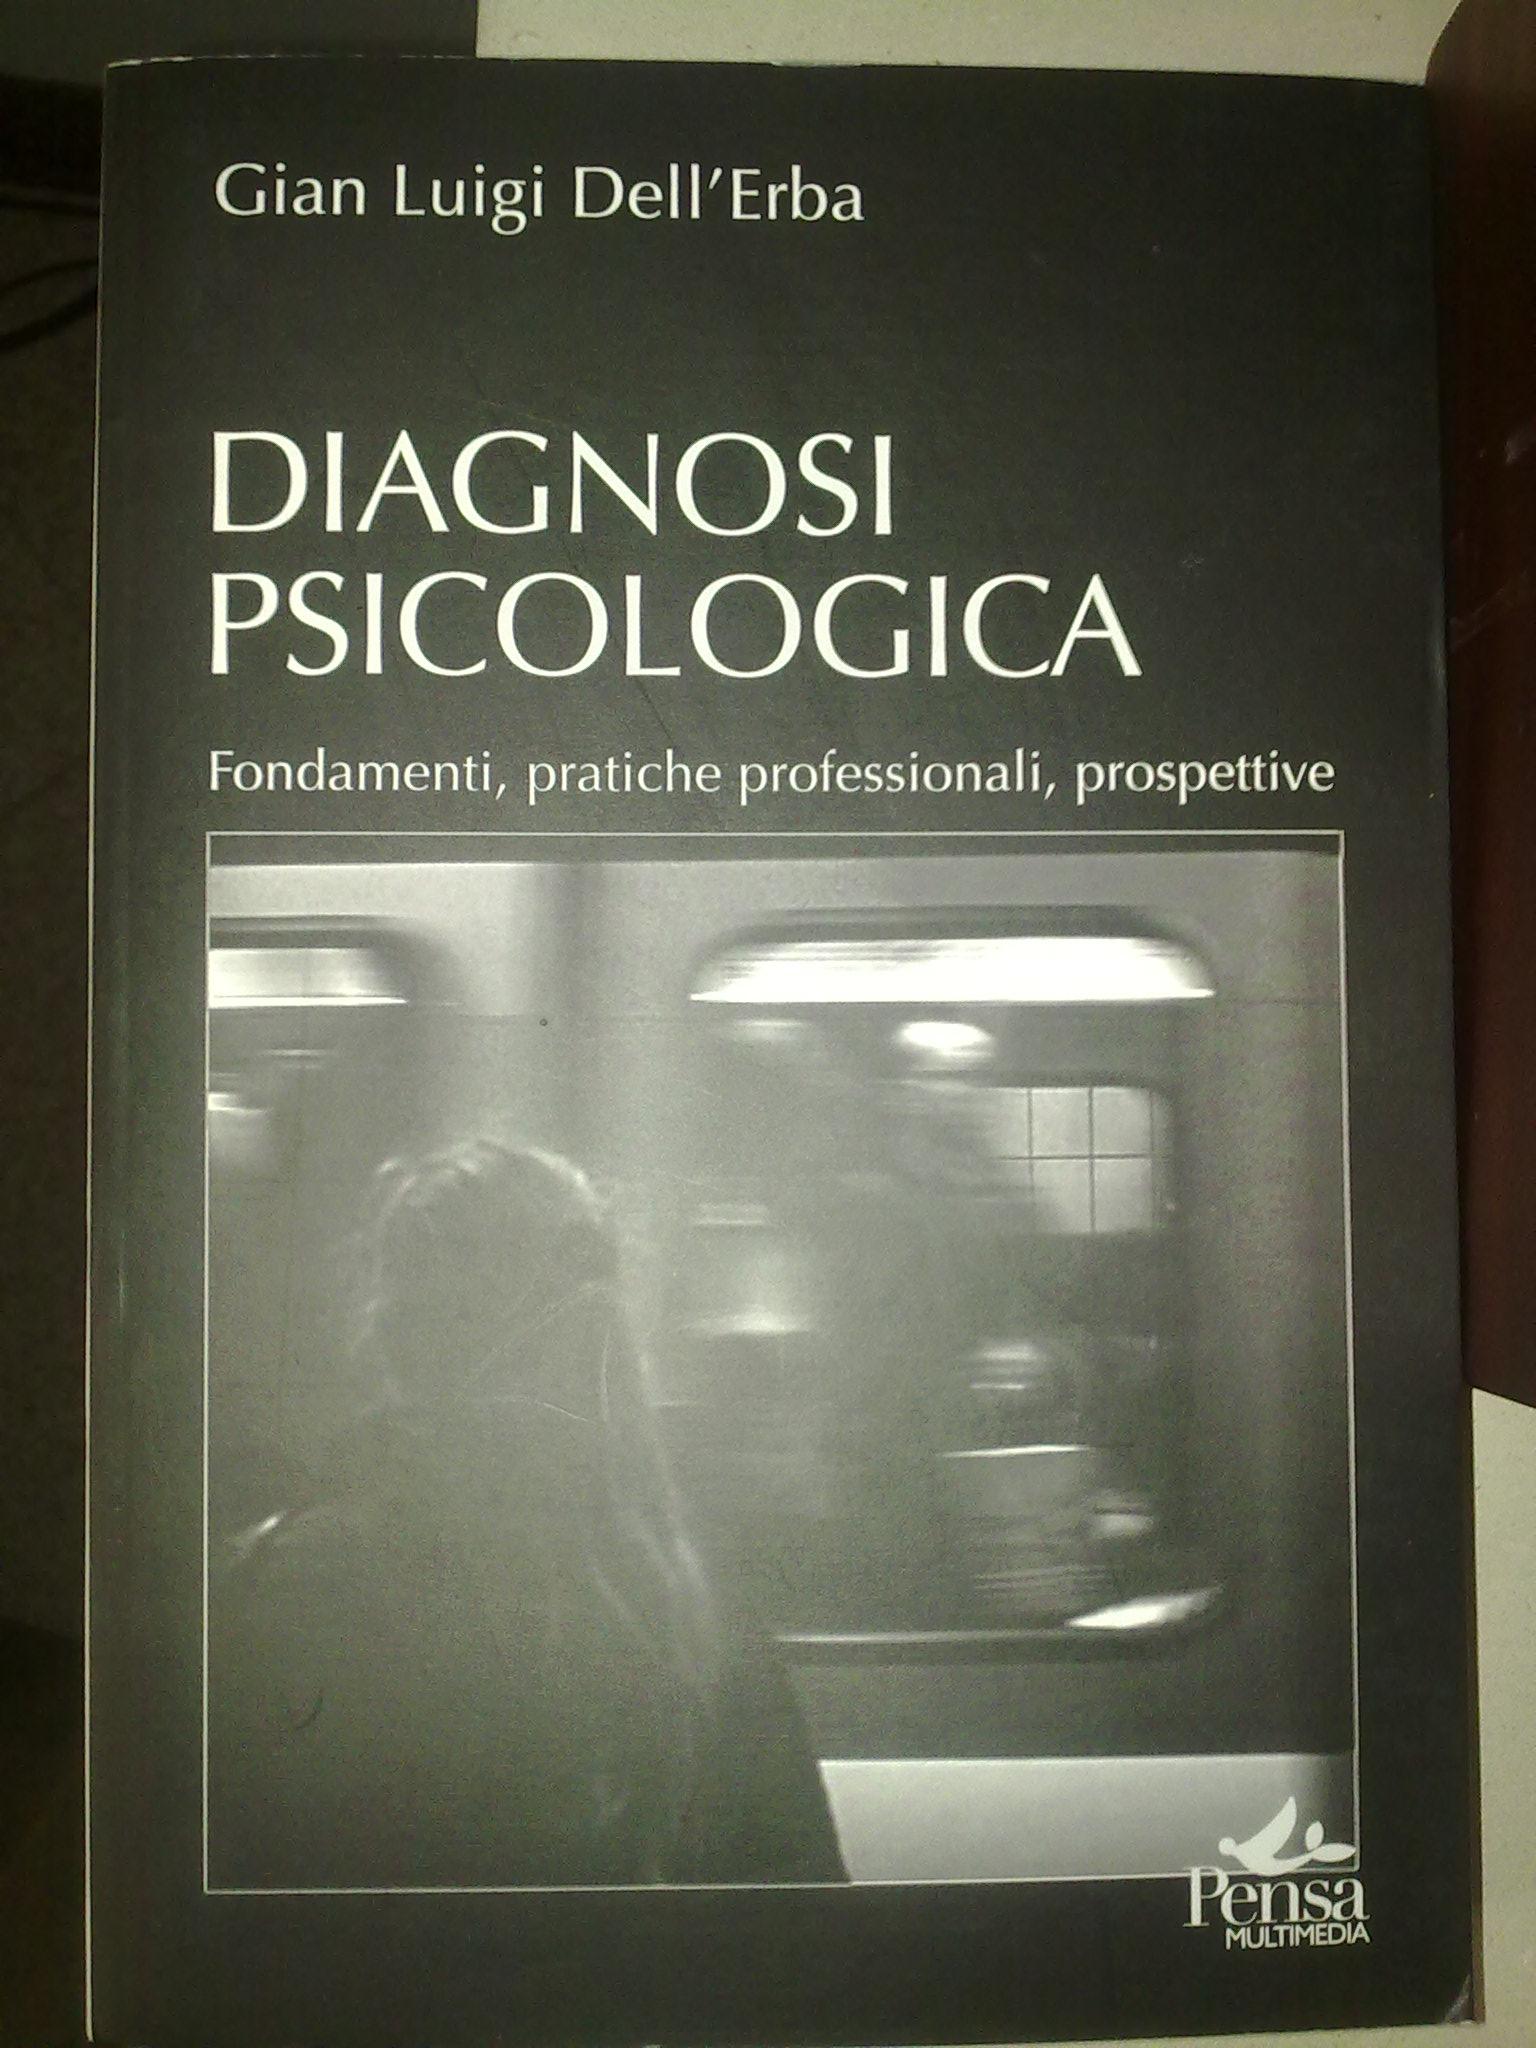 Diagnosi Psicologica Fondamenti, pratiche professionali, prospettive.